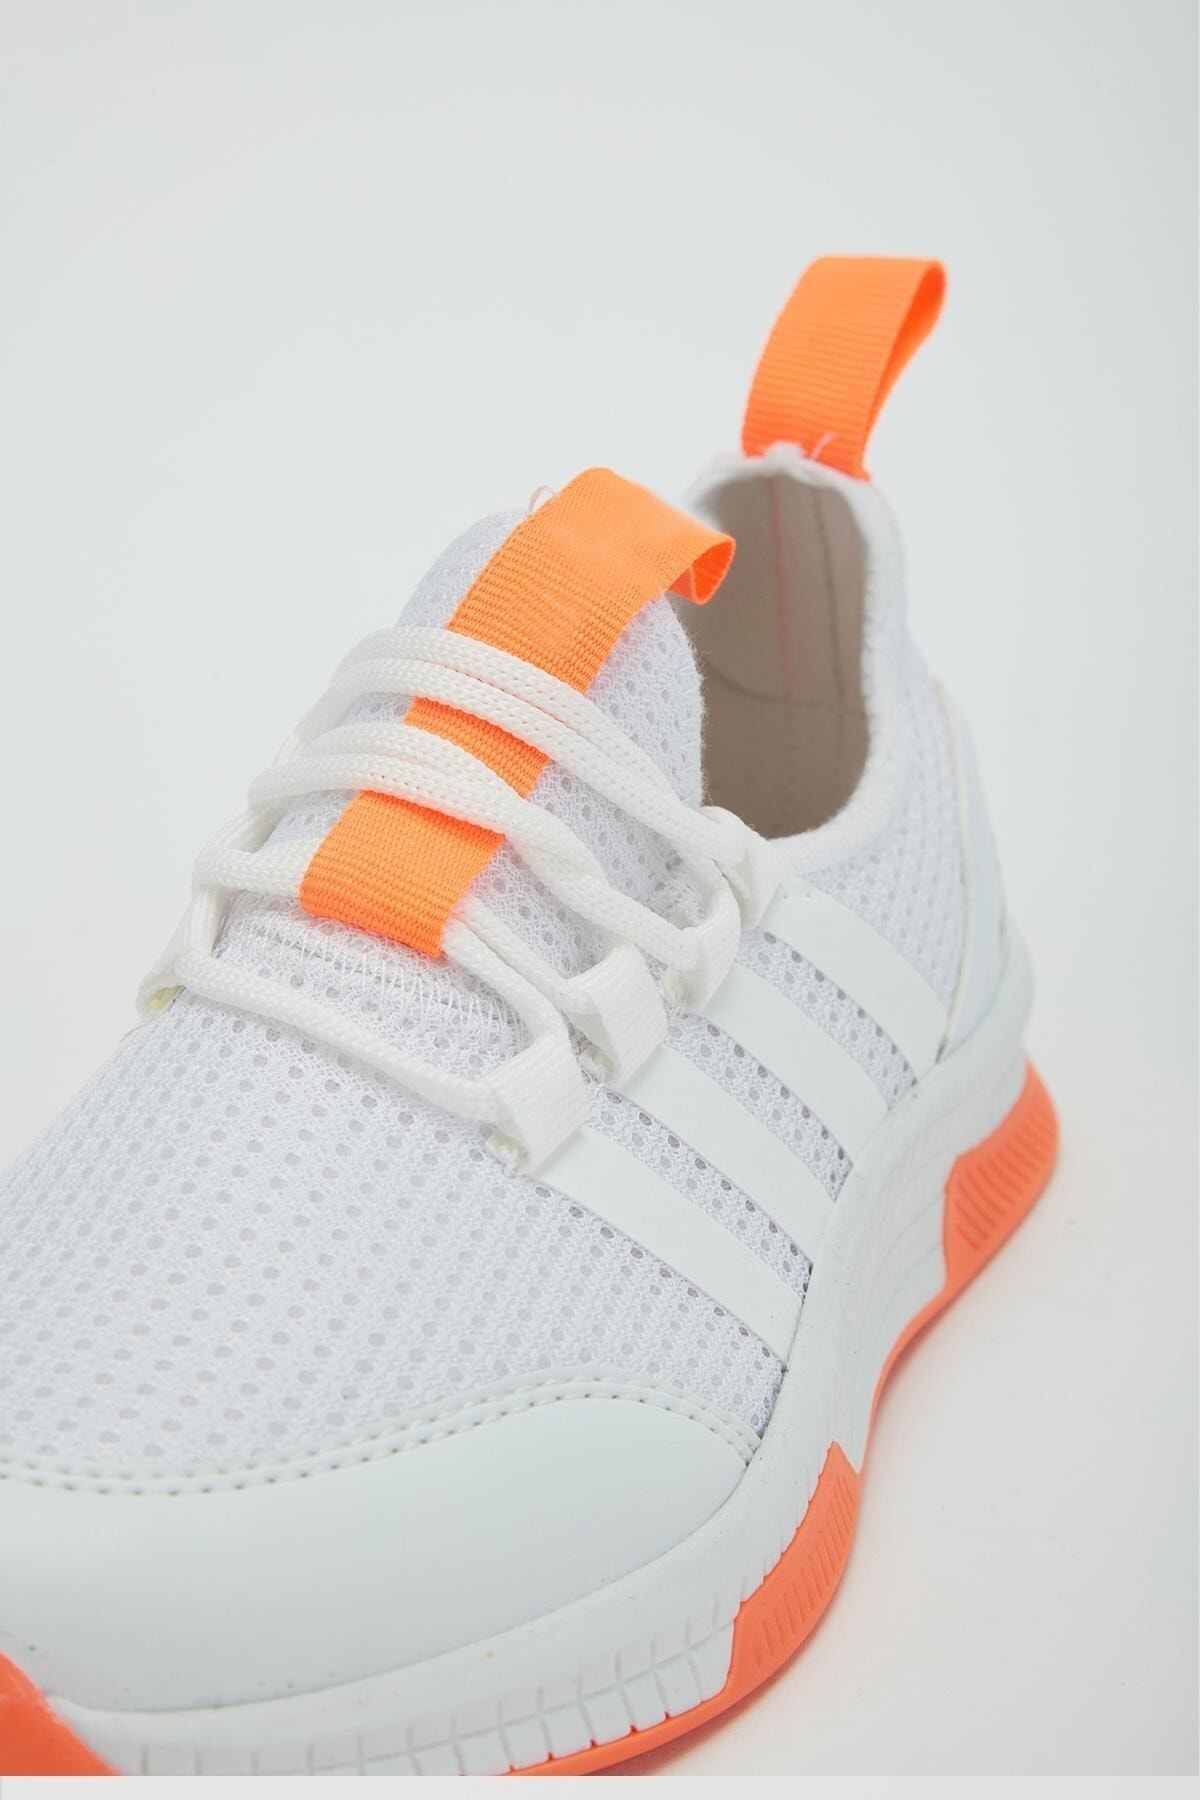 Larasima Unisex Turuncu Sneaker Ayakkabı